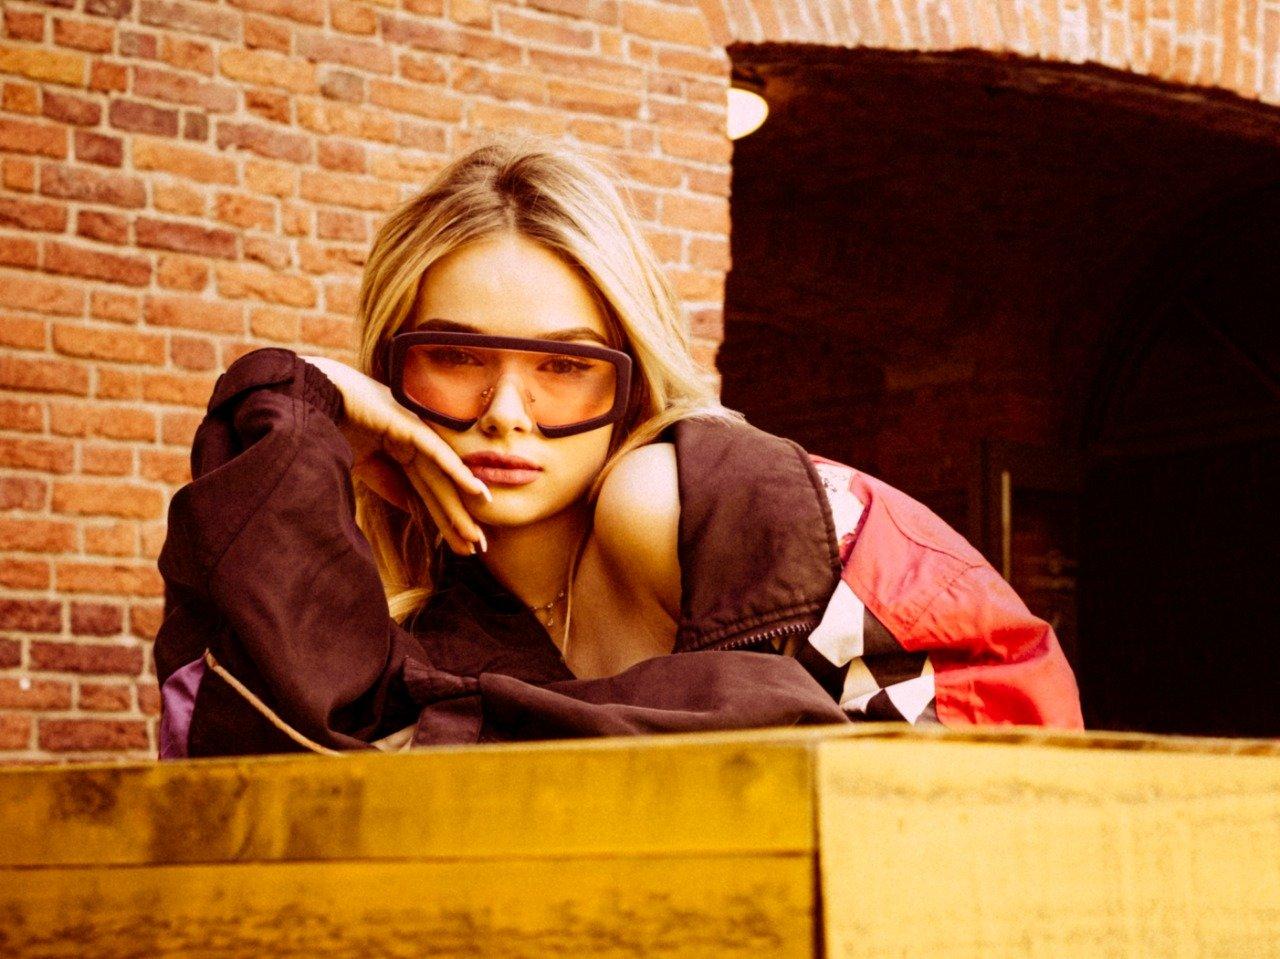 Певица Ева Тимуш рассказала о творческой жизни и планах на будущее